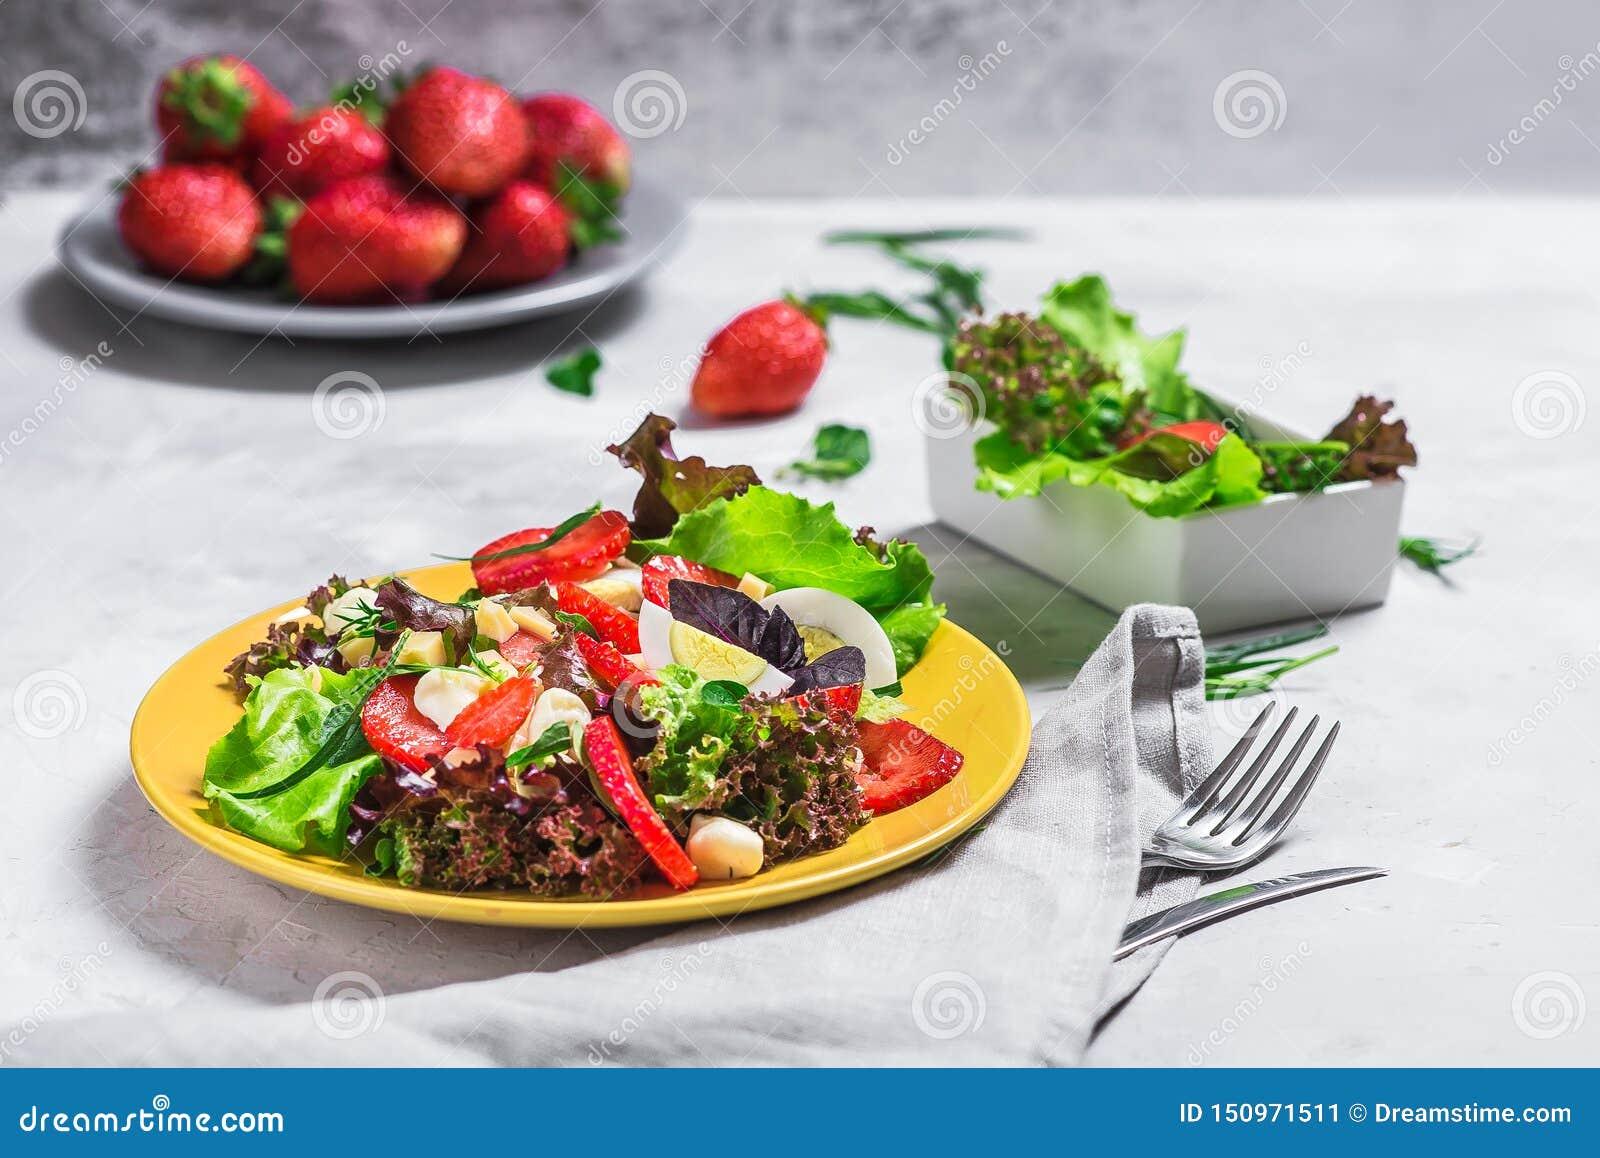 Σαλάτα από τη φράουλα, τυρί Σαλάτα σε ένα κίτρινο πιάτο